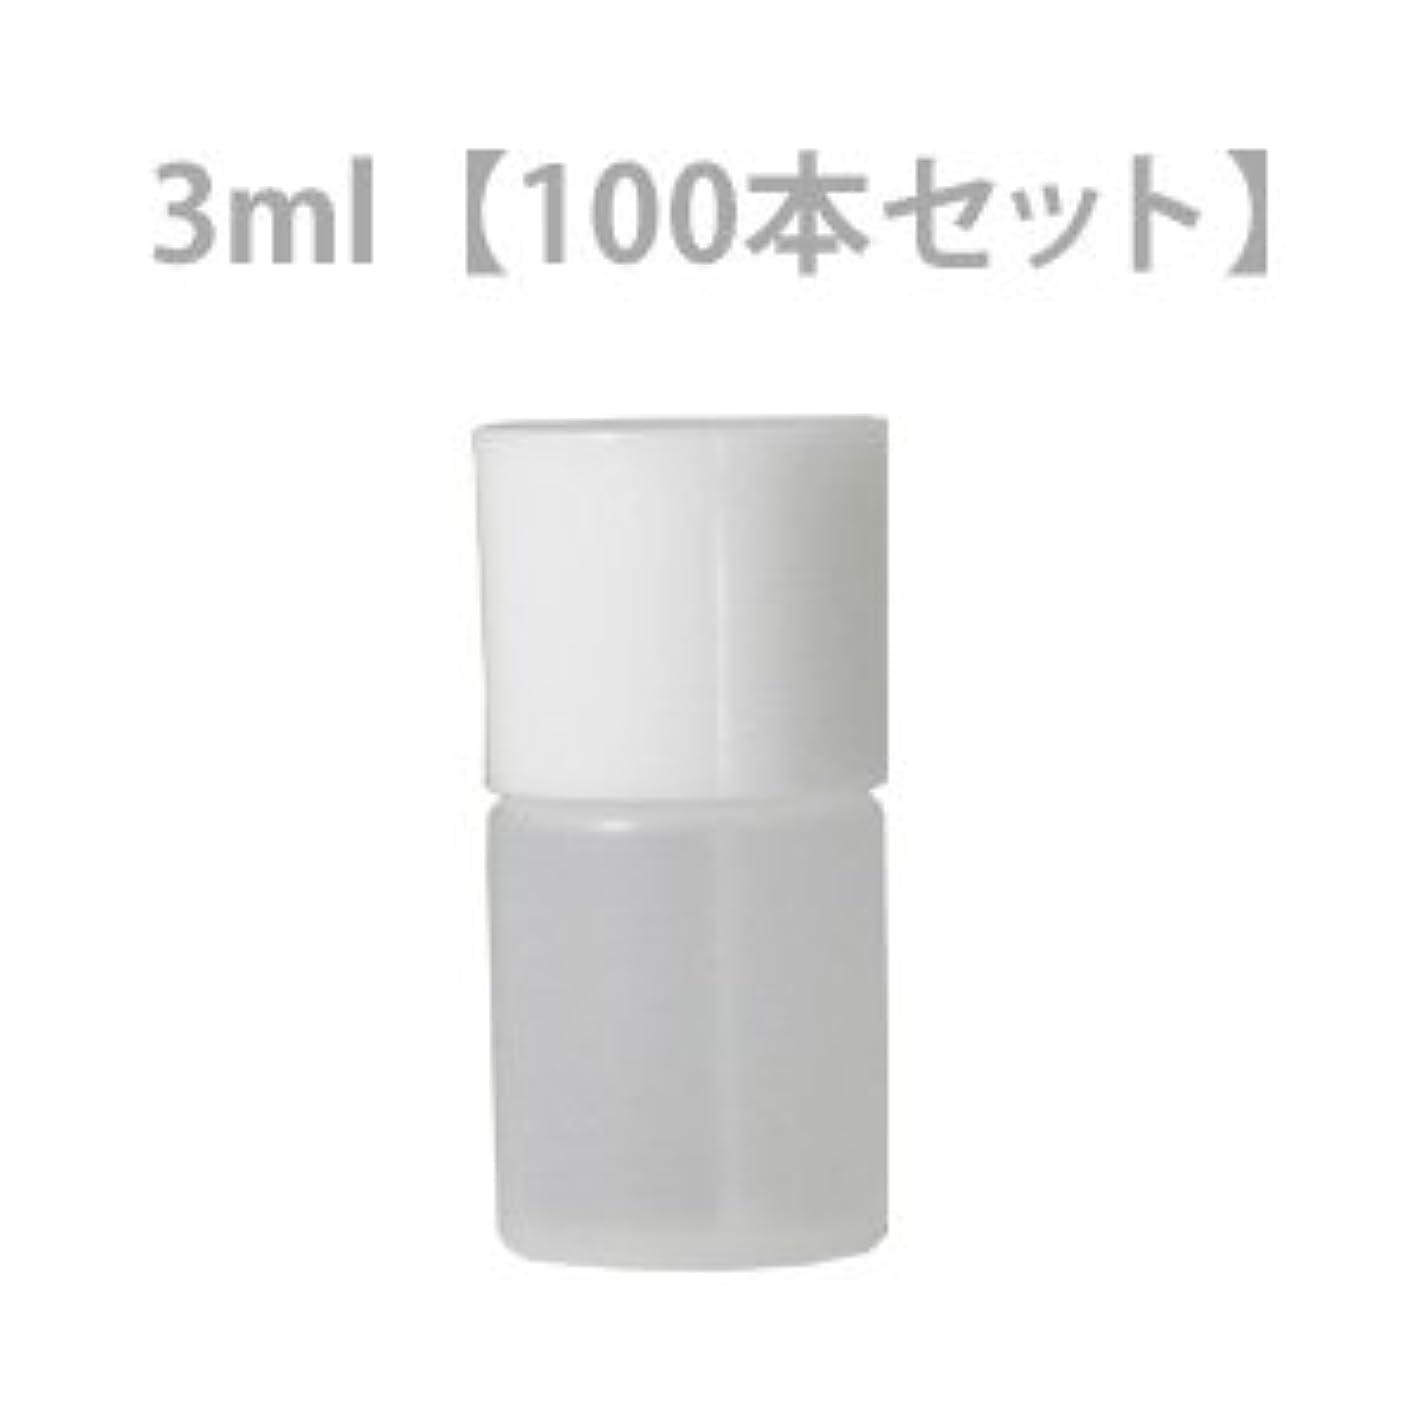 刺繍最大限ぐるぐる穴あき中栓付きミニボトル3ml 100本セット 【化粧品容器】